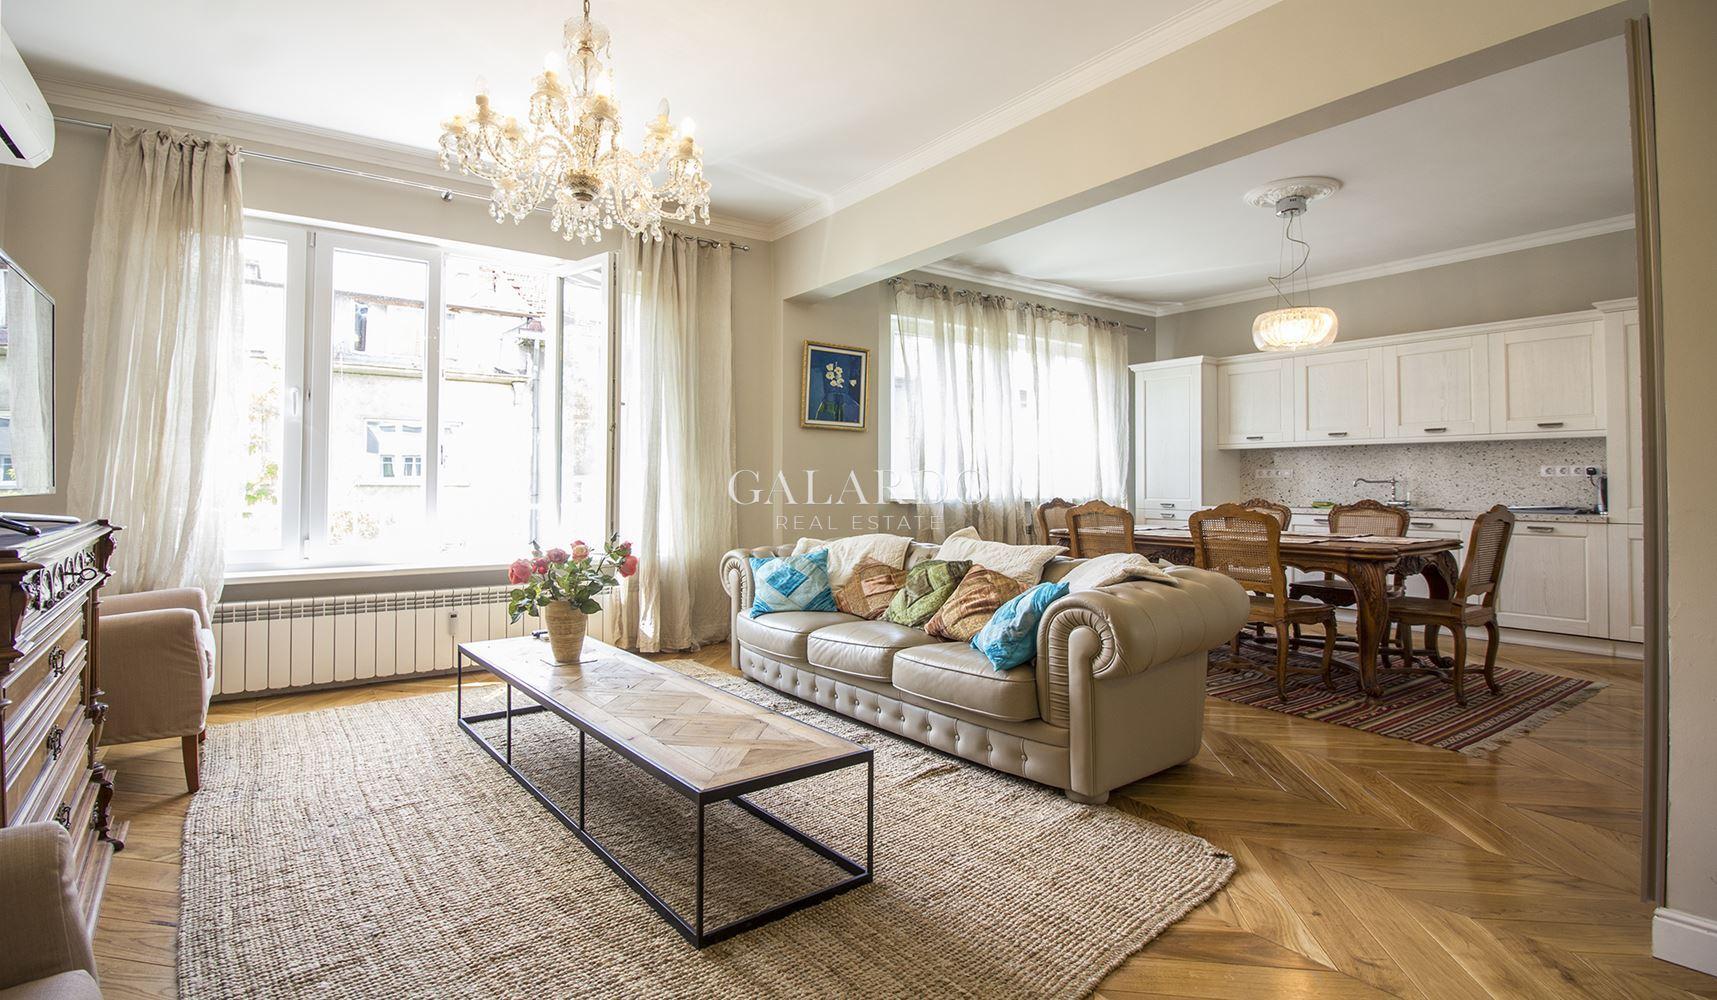 Стилно обзаведен тристаен апартамент в Докторска градина под наем